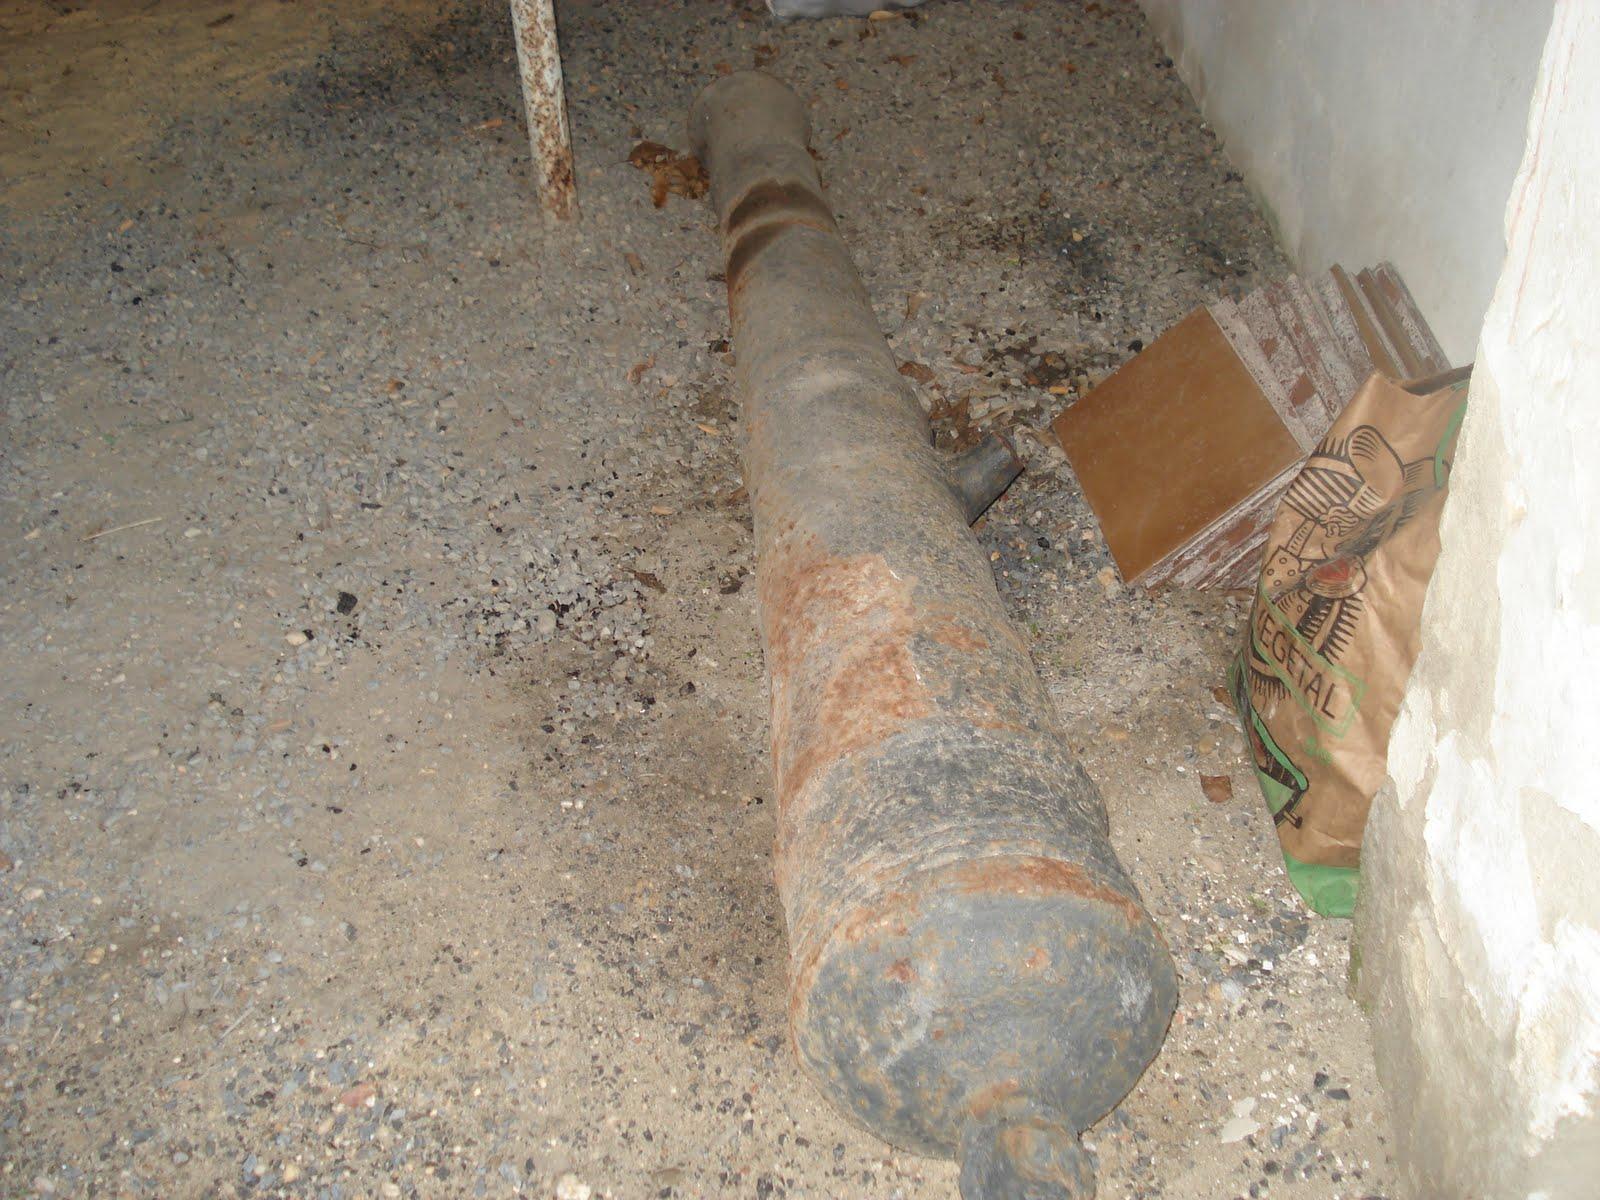 Cañón encontrado en Mazagón (www.mazagonbeach.com)